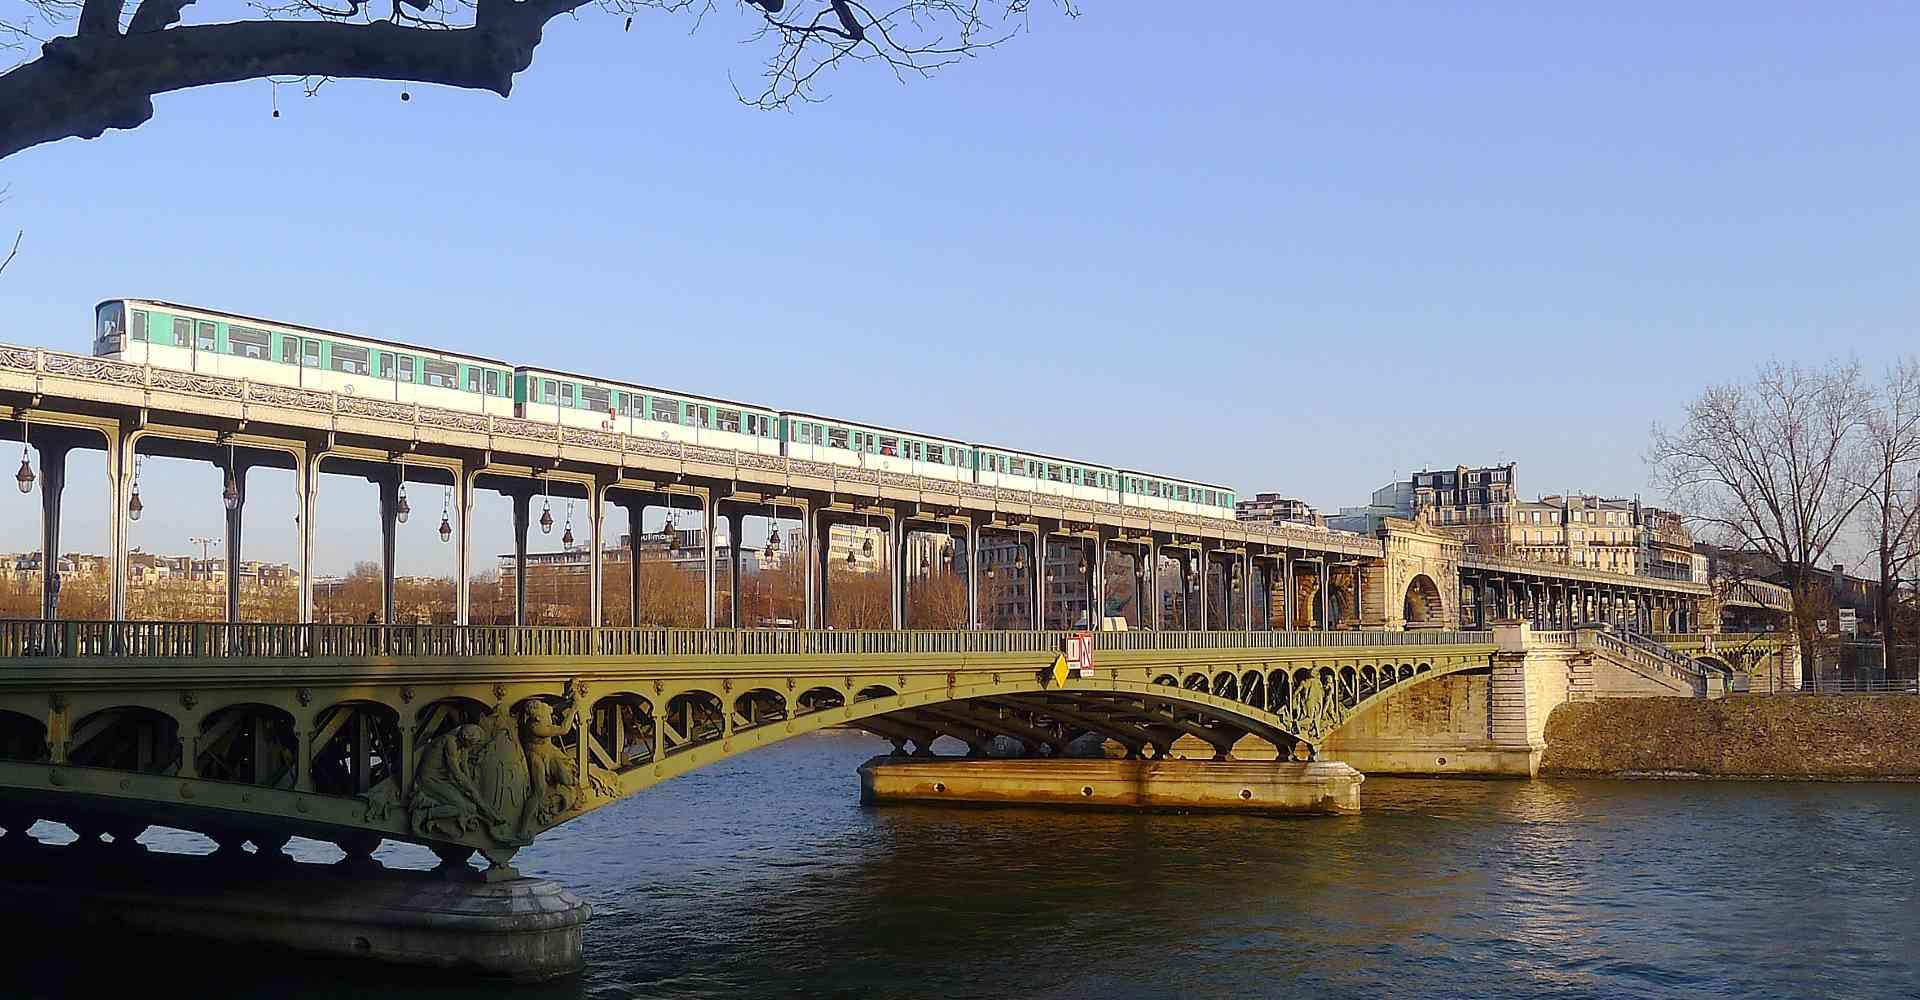 Die Metrolinie 6 fährt oberirdisch über die Seine. Hier nahe der Station Bir-Hakeim. Foto: Mbzt, CC BY 3.0